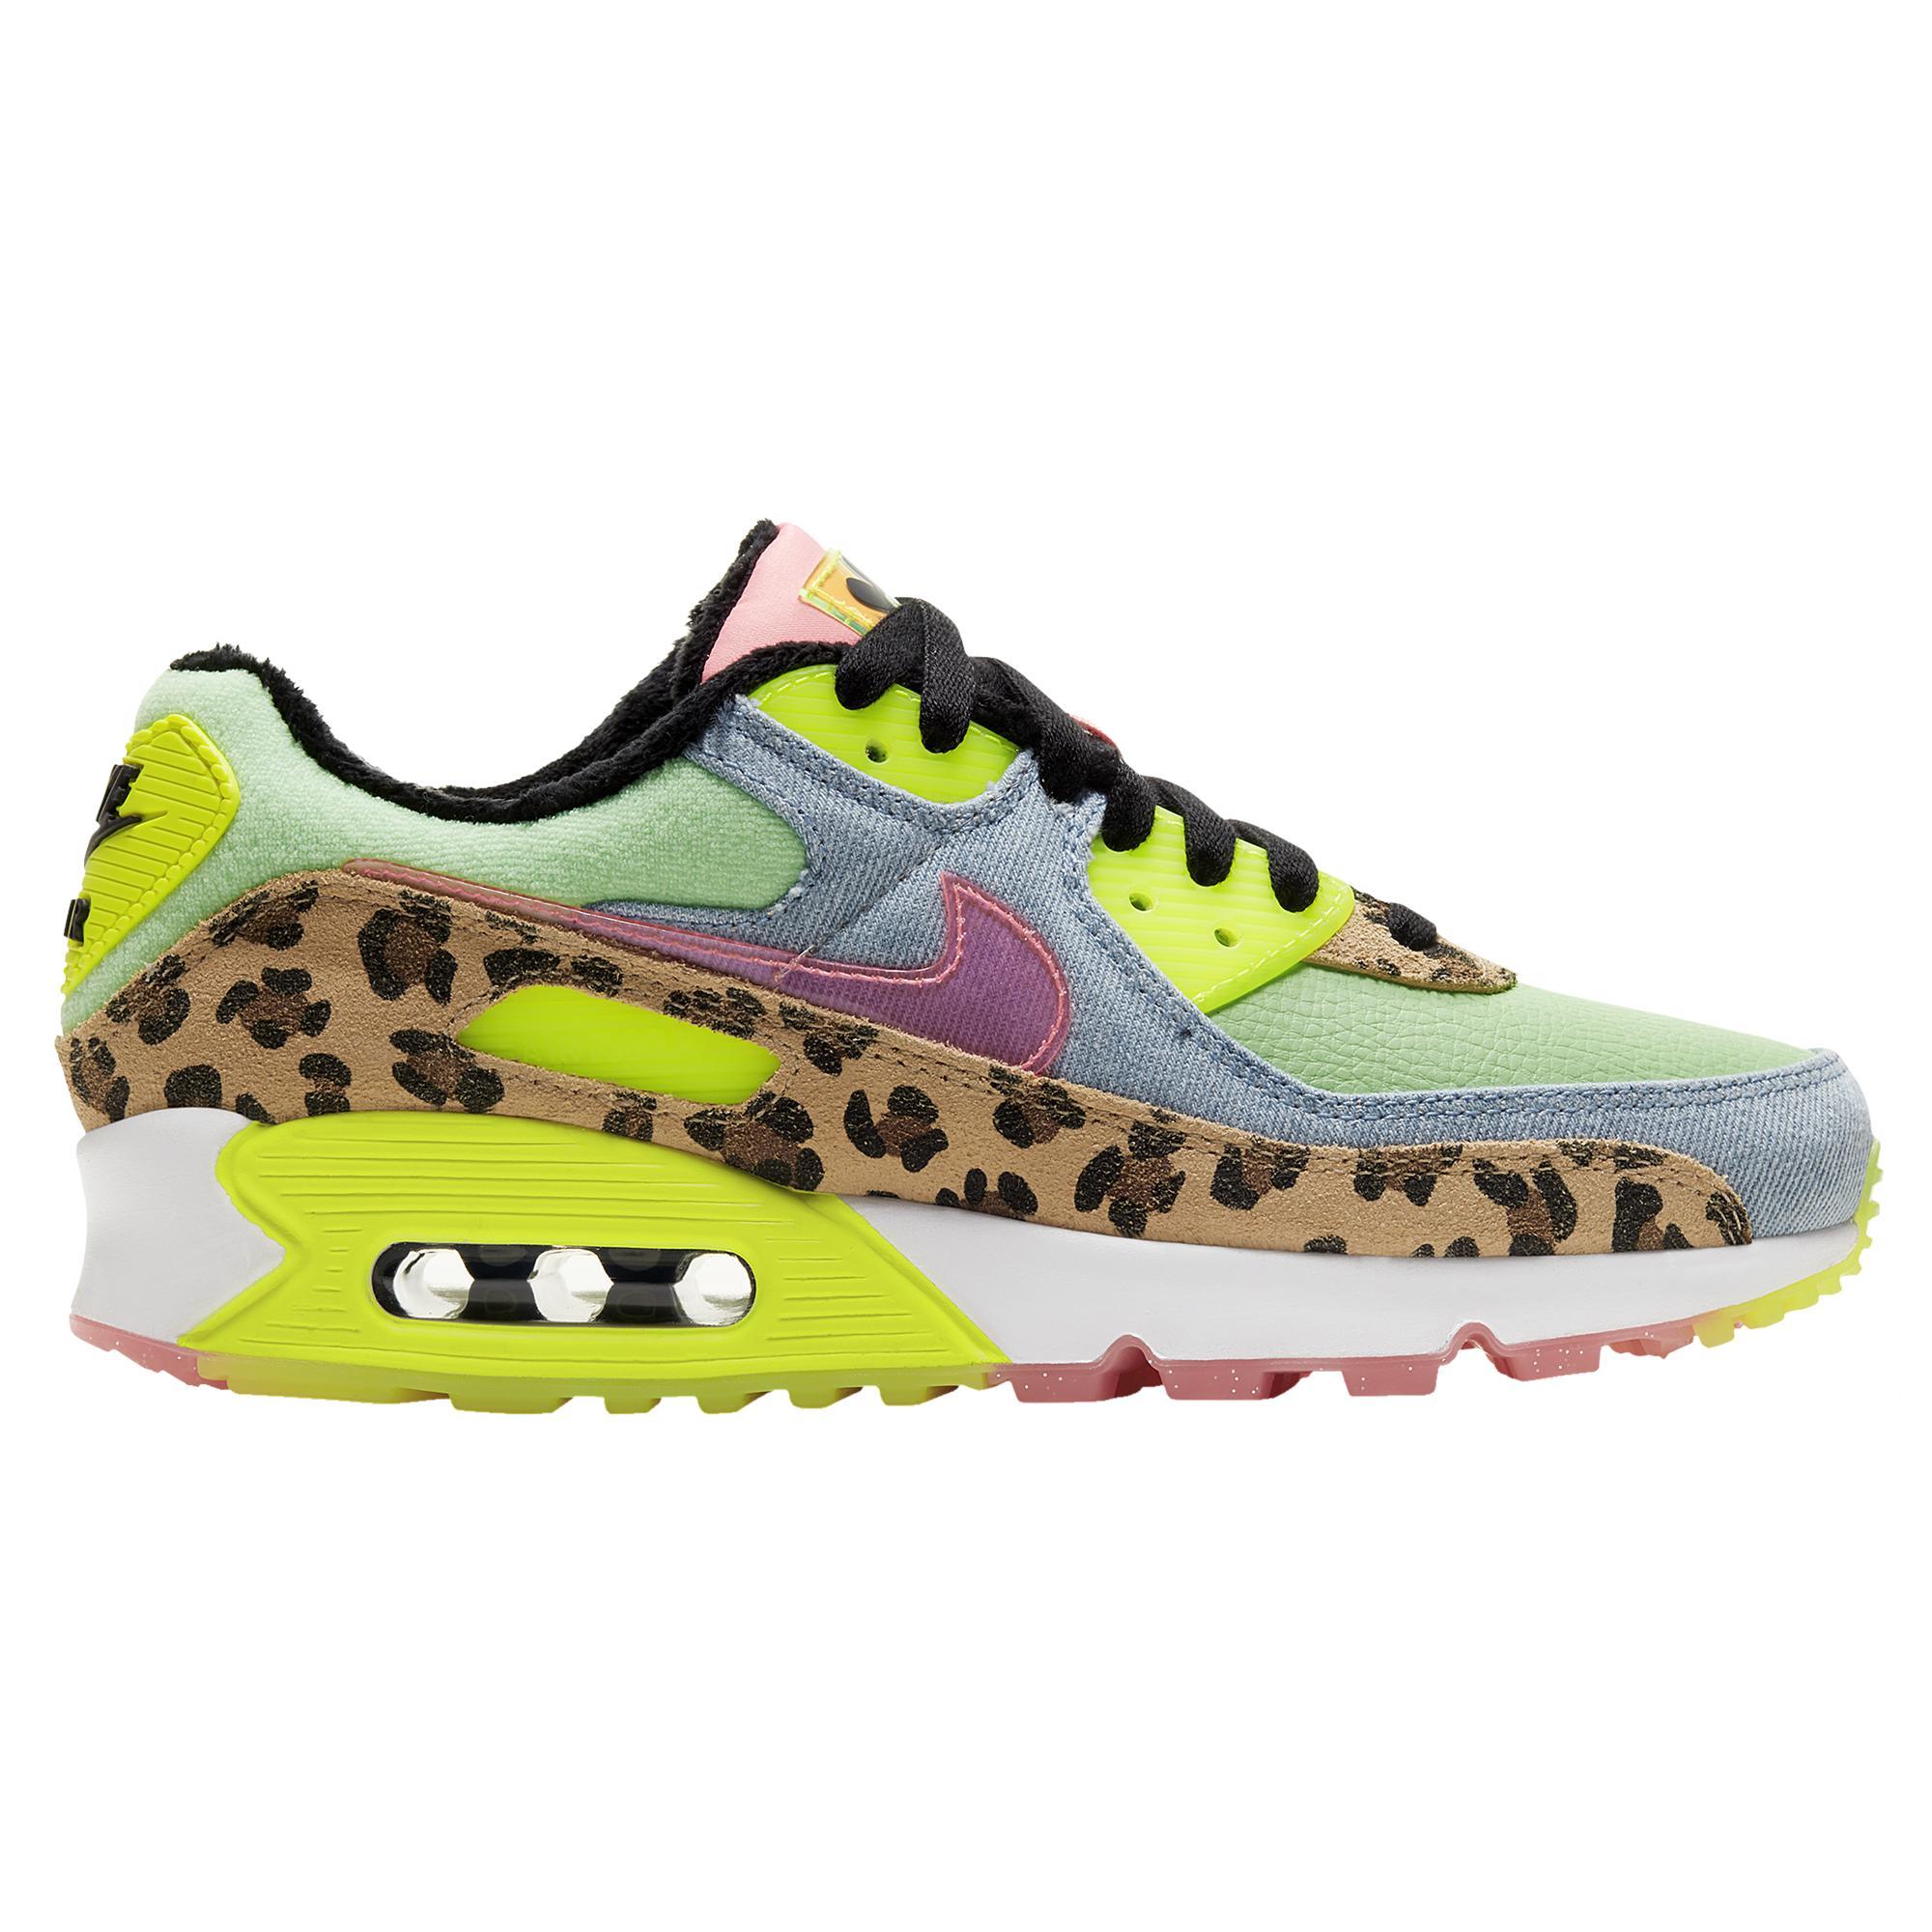 Air Max 90 Lx - Shoes